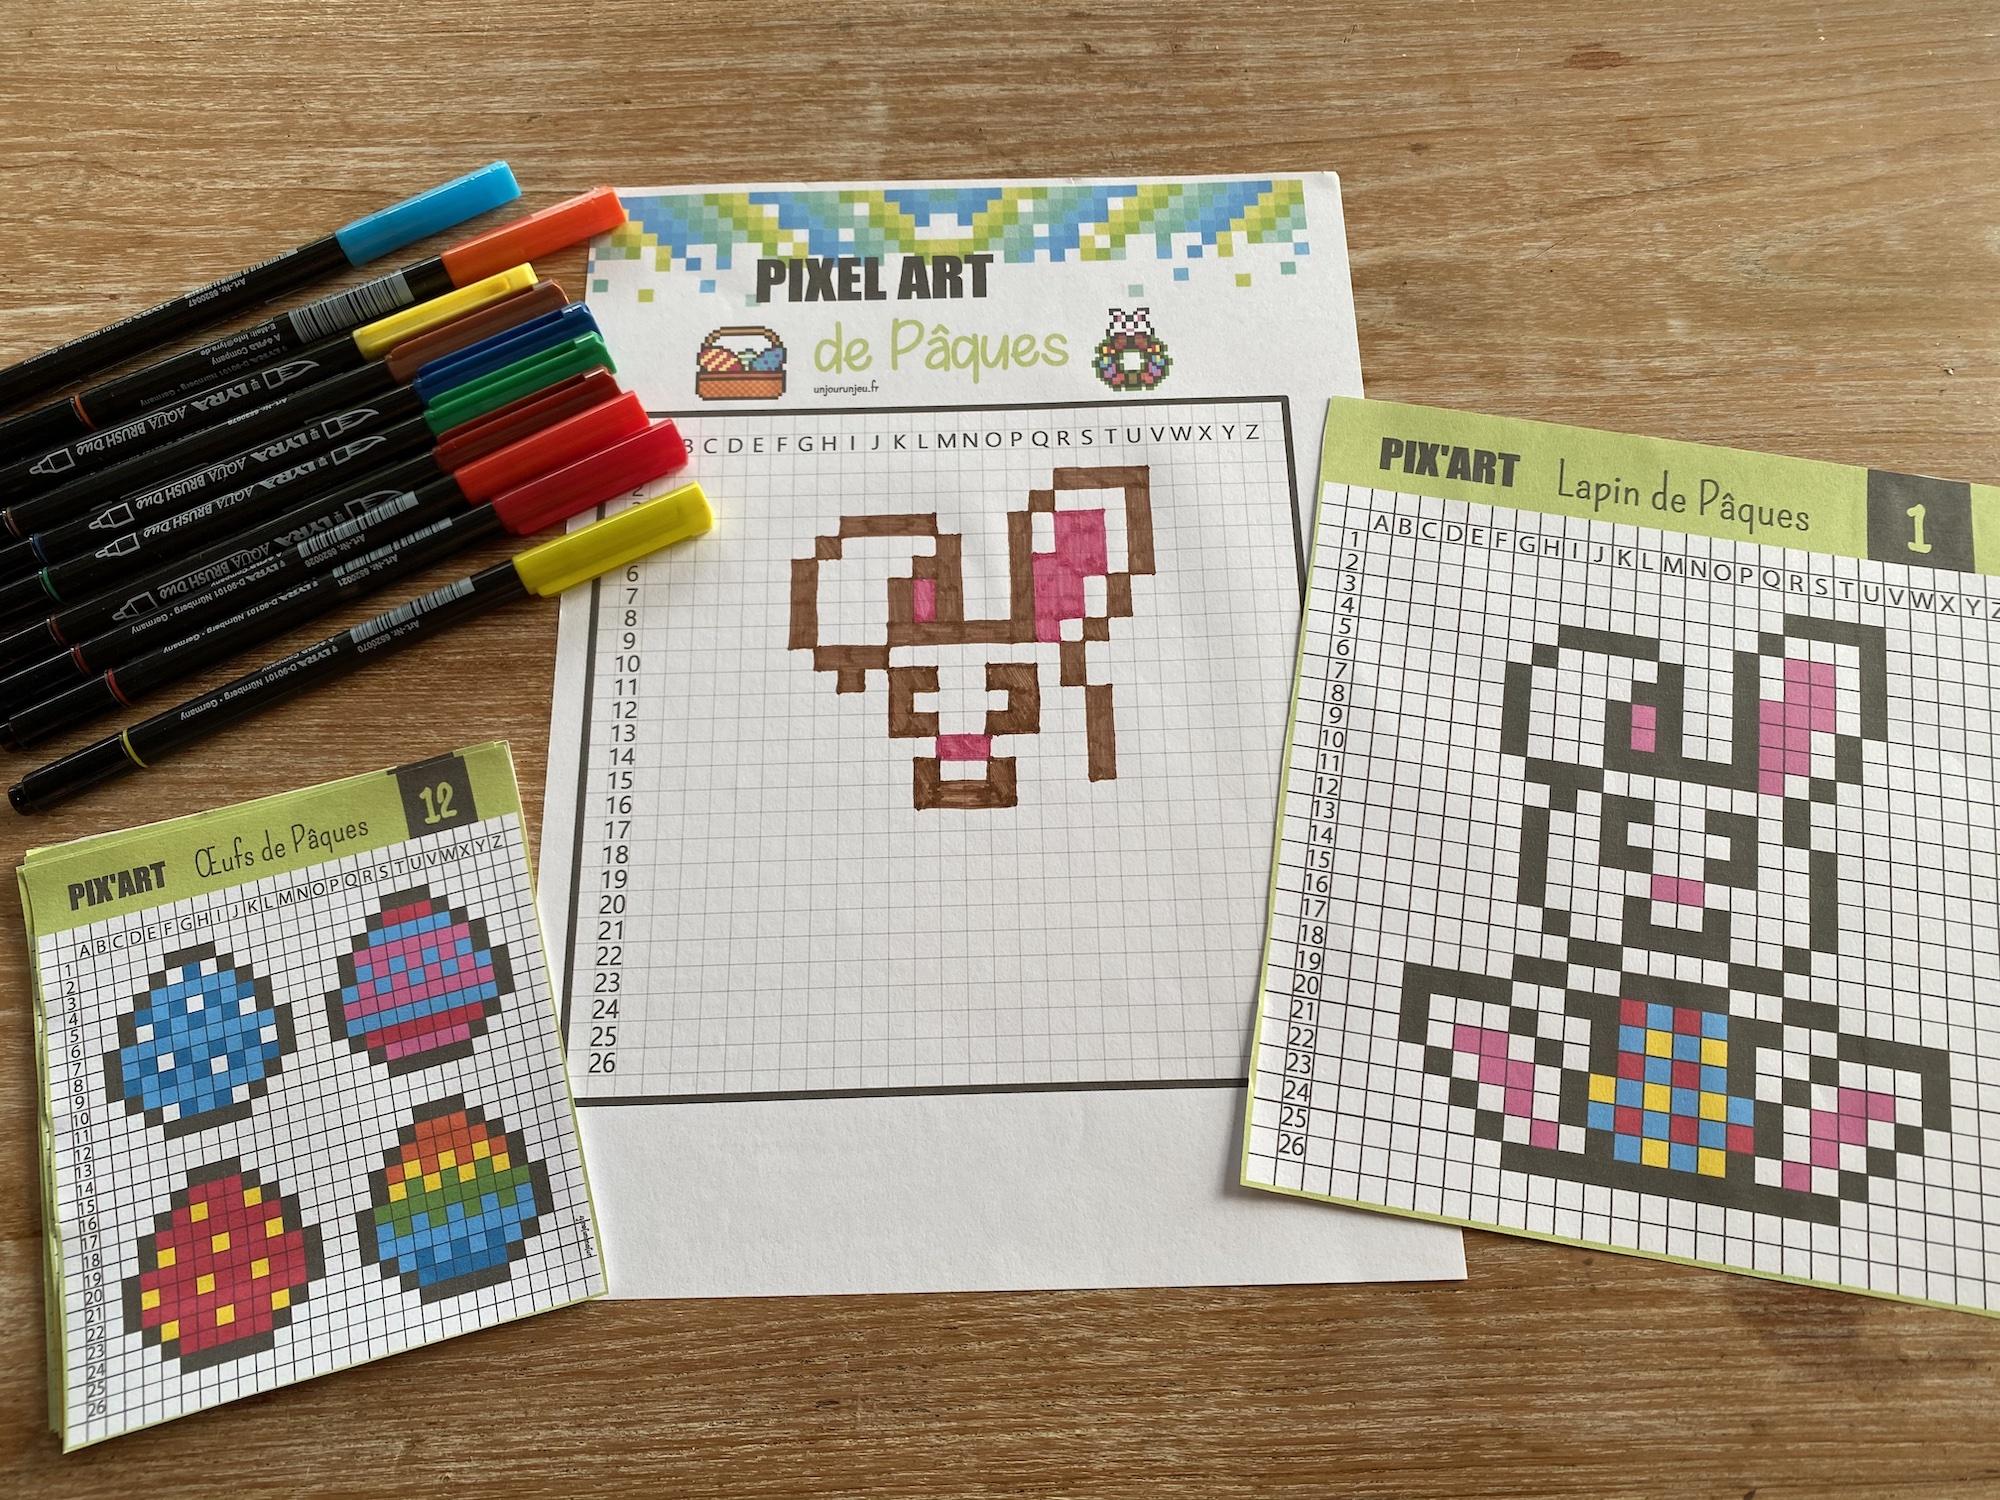 Pixel art de Pâques - 3